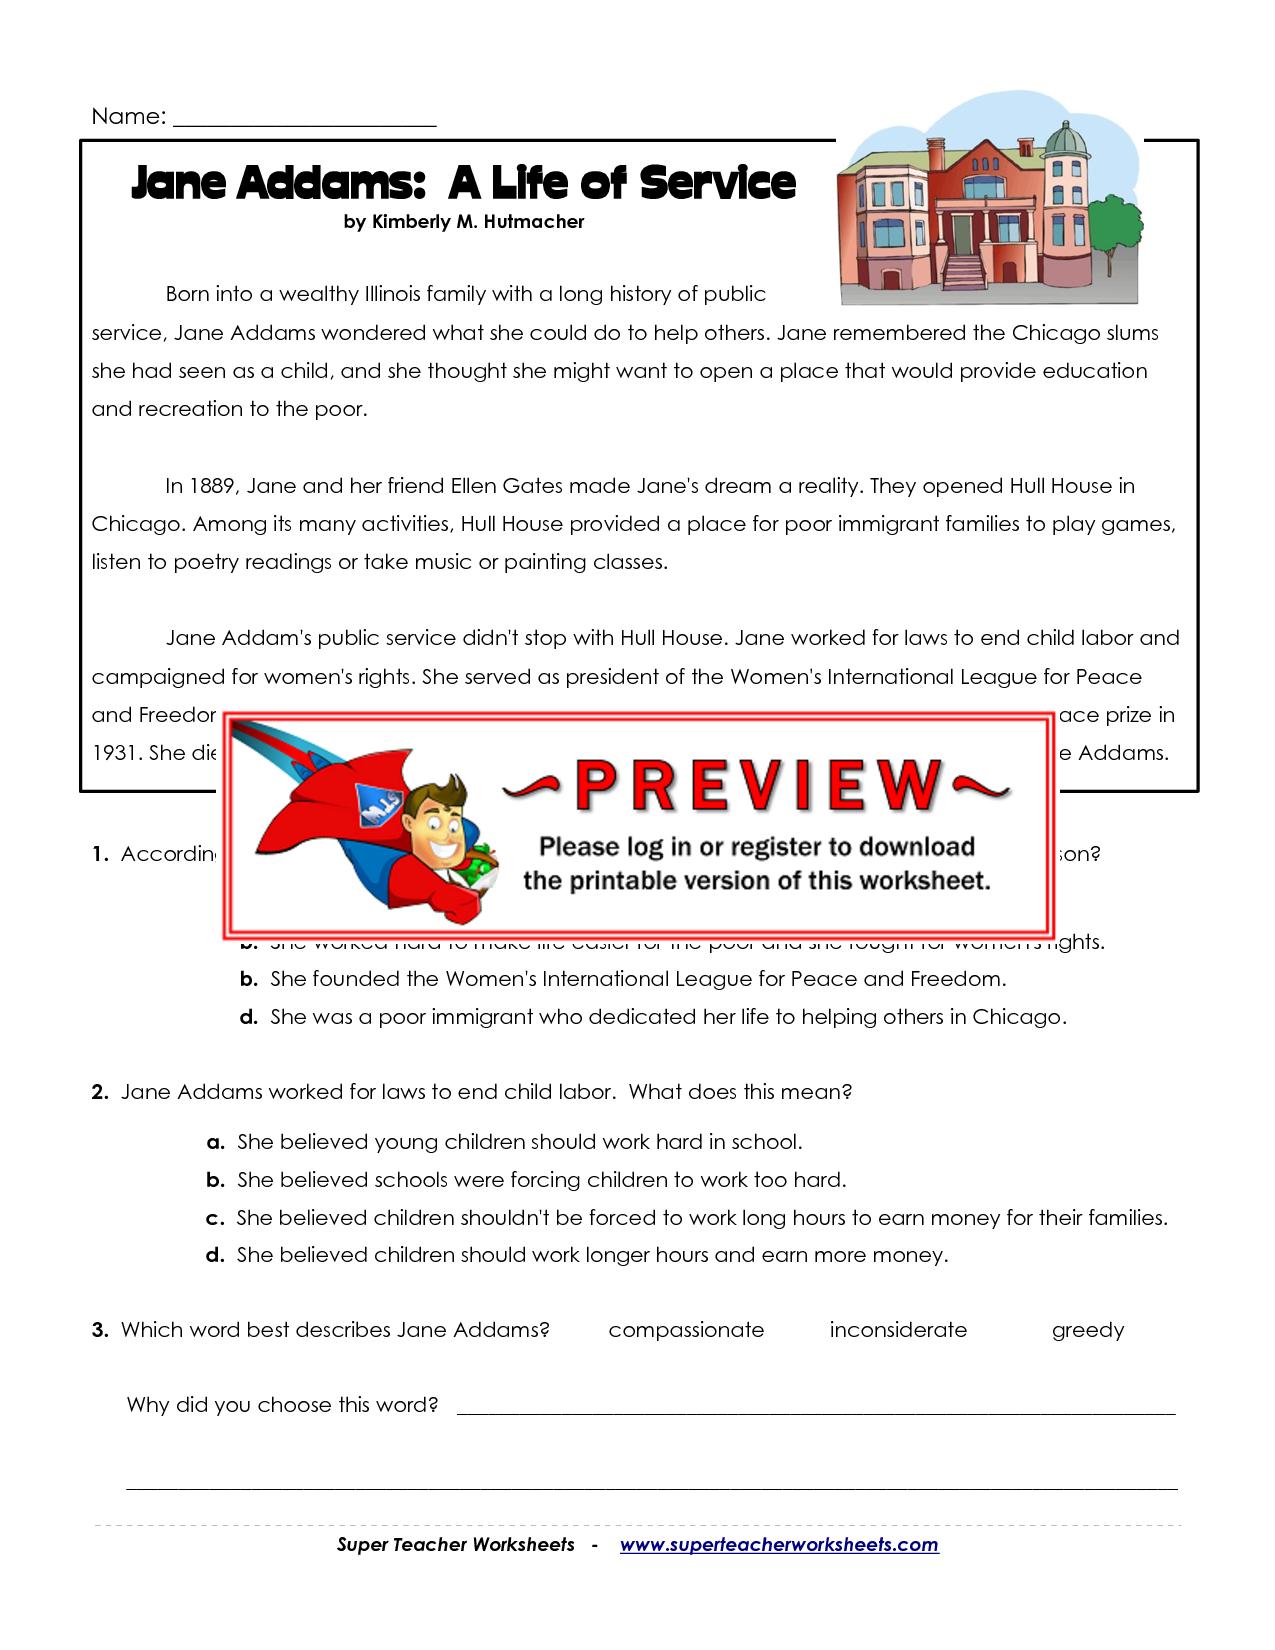 worksheet Super Teacher Worksheets Area jane addams a life of service super teacher worksheets illinois worksheets